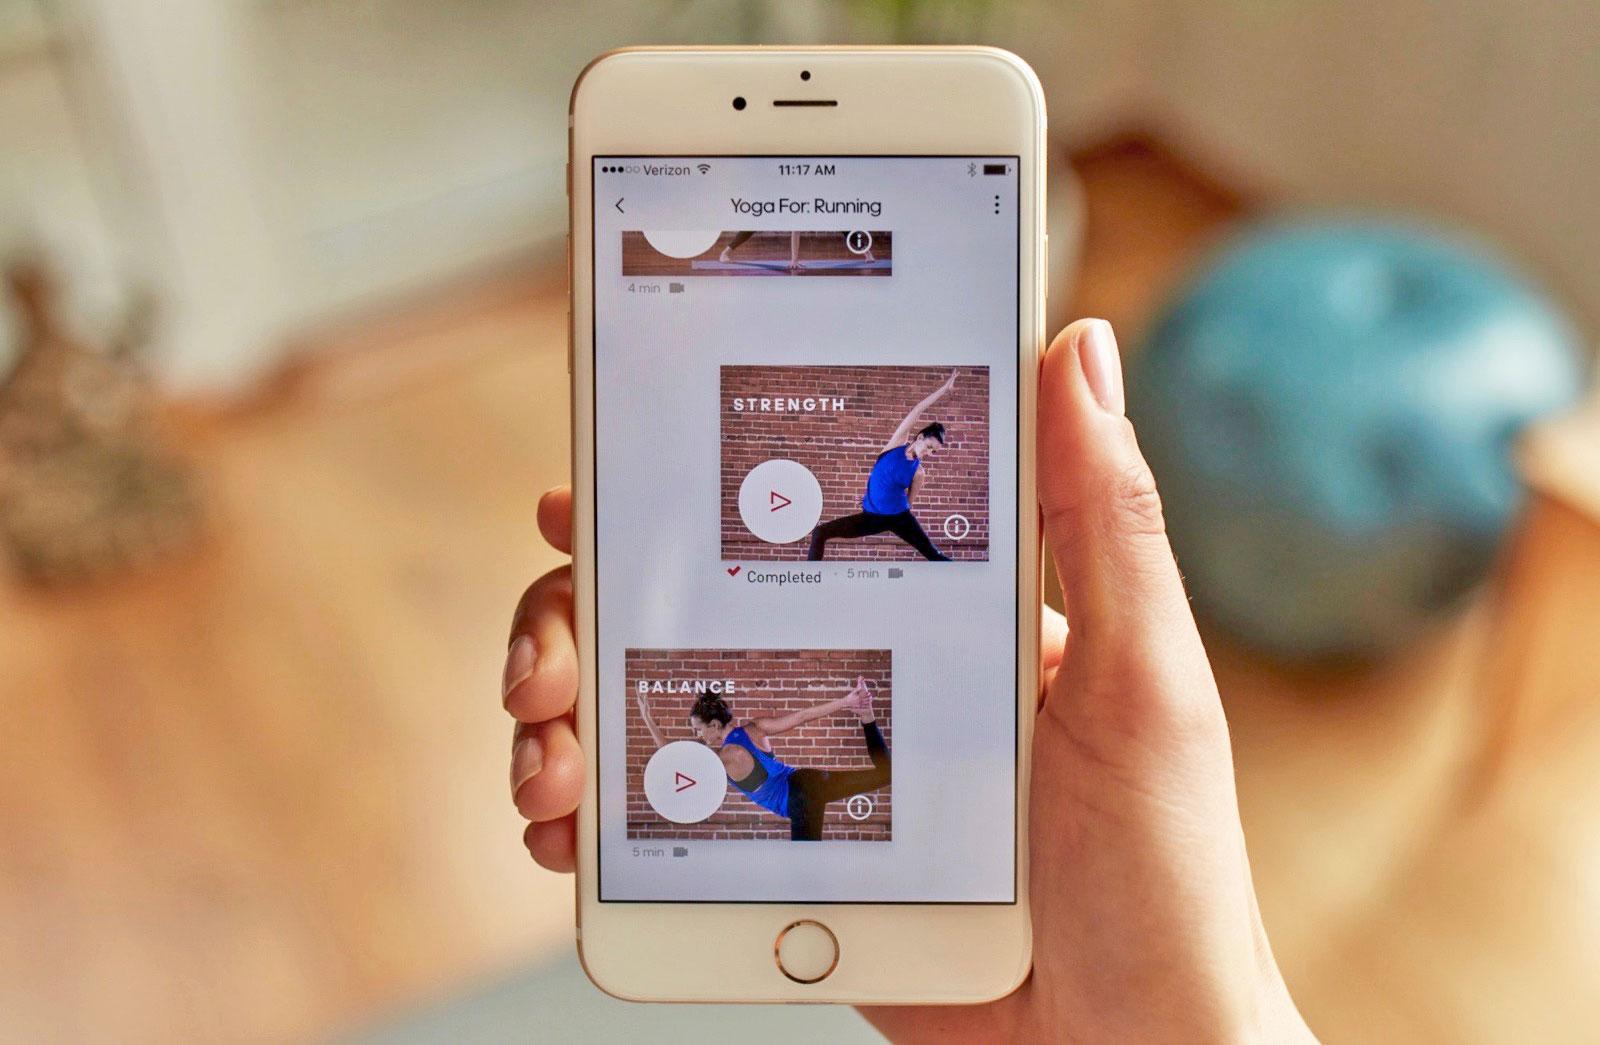 أديدس تُطلق تطبيق اللياقة البدنية All Day ولجميع المستويات